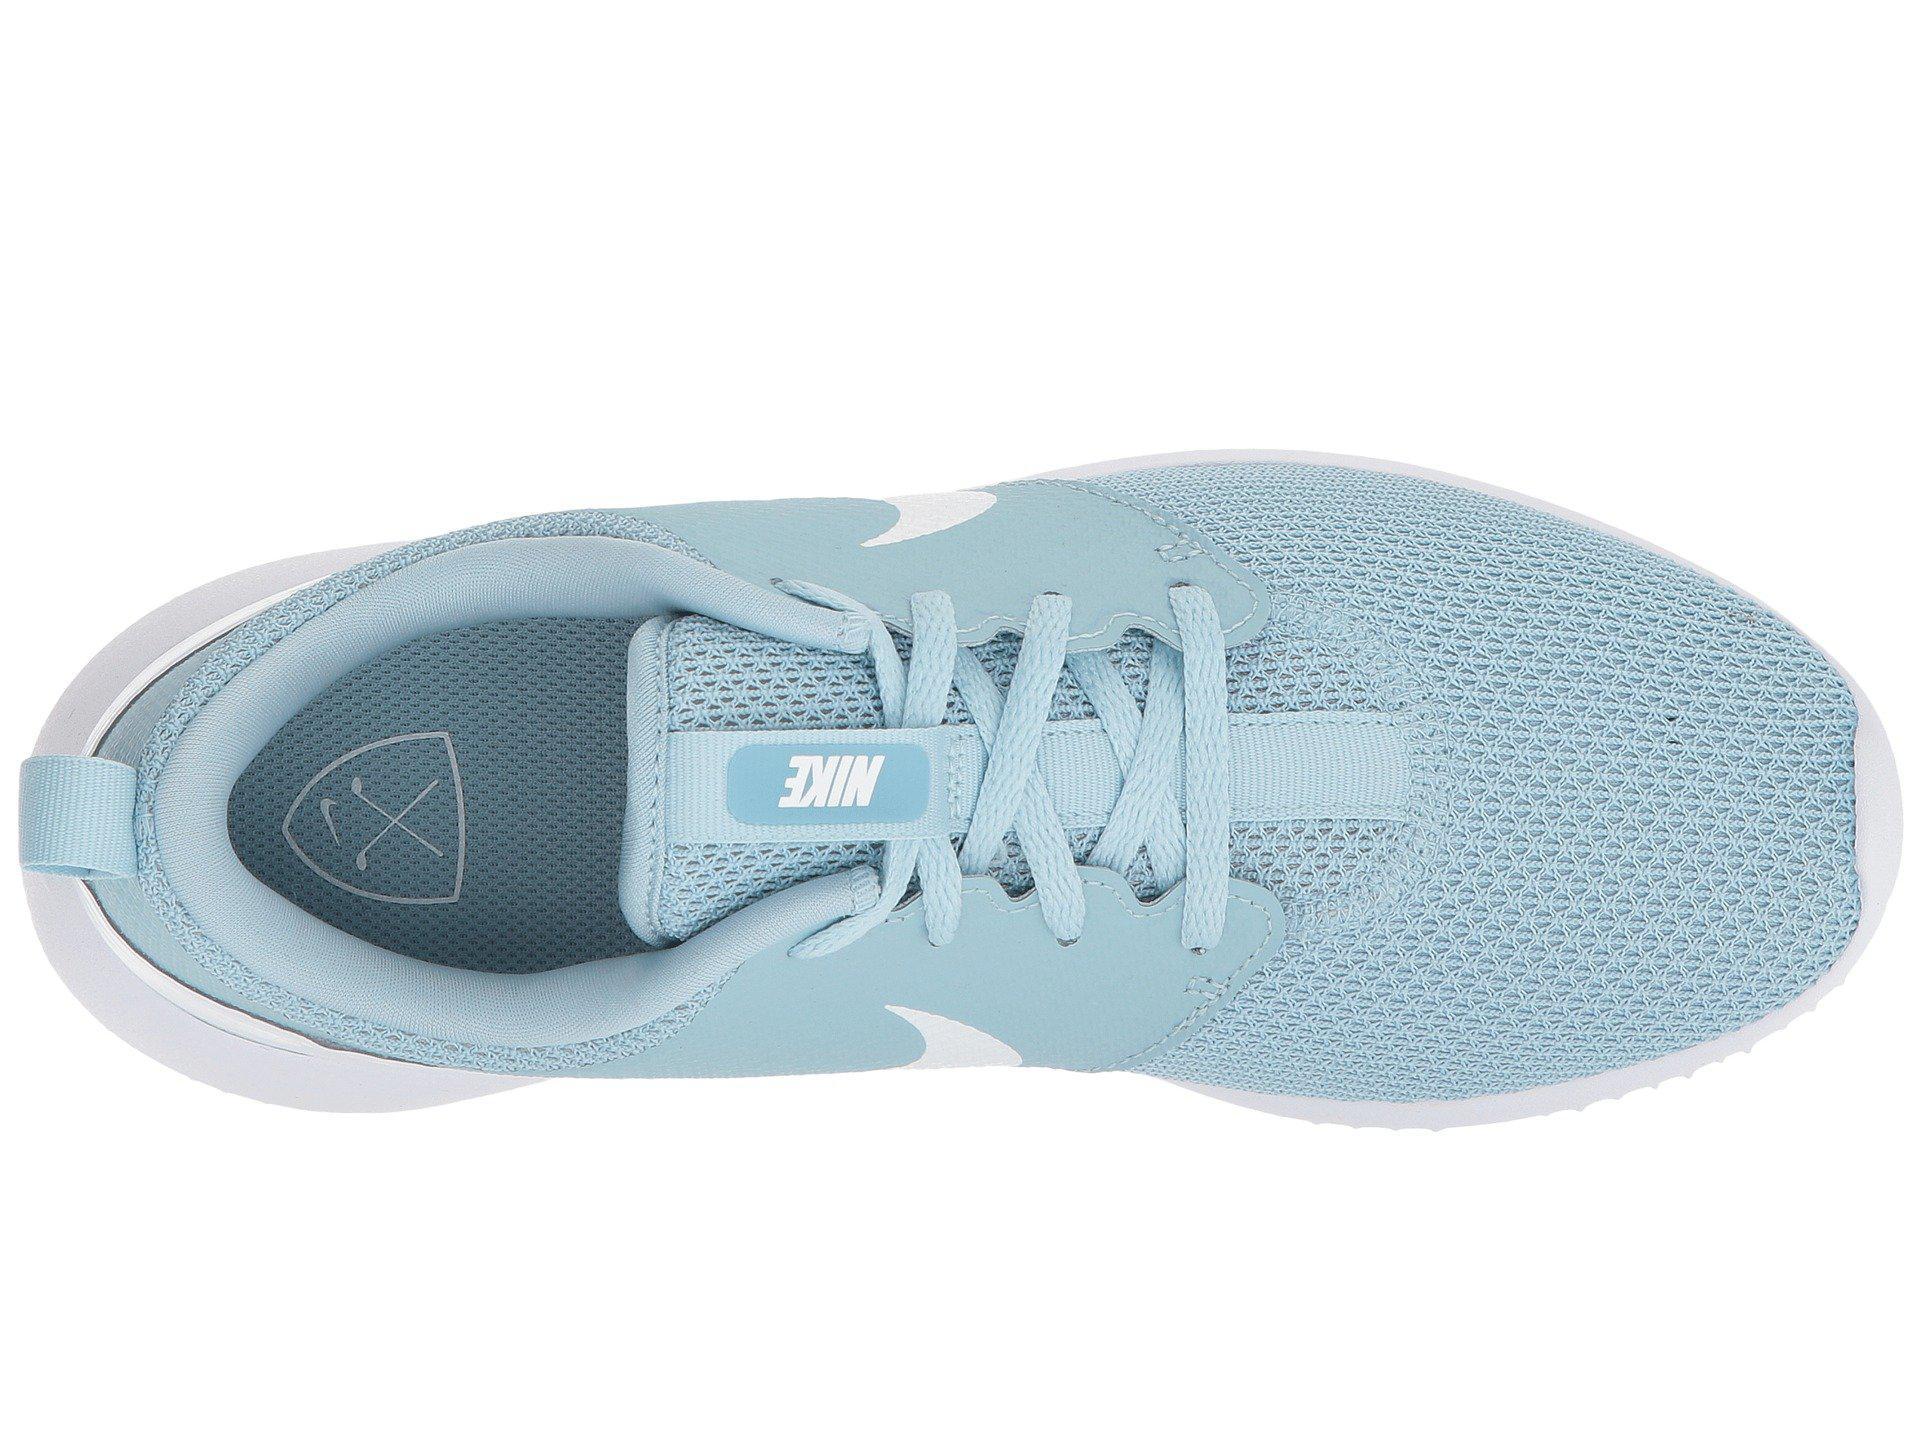 52baf8d1228a3 Nike - Blue Roshe G (black white) Women s Golf Shoes - Lyst. View fullscreen